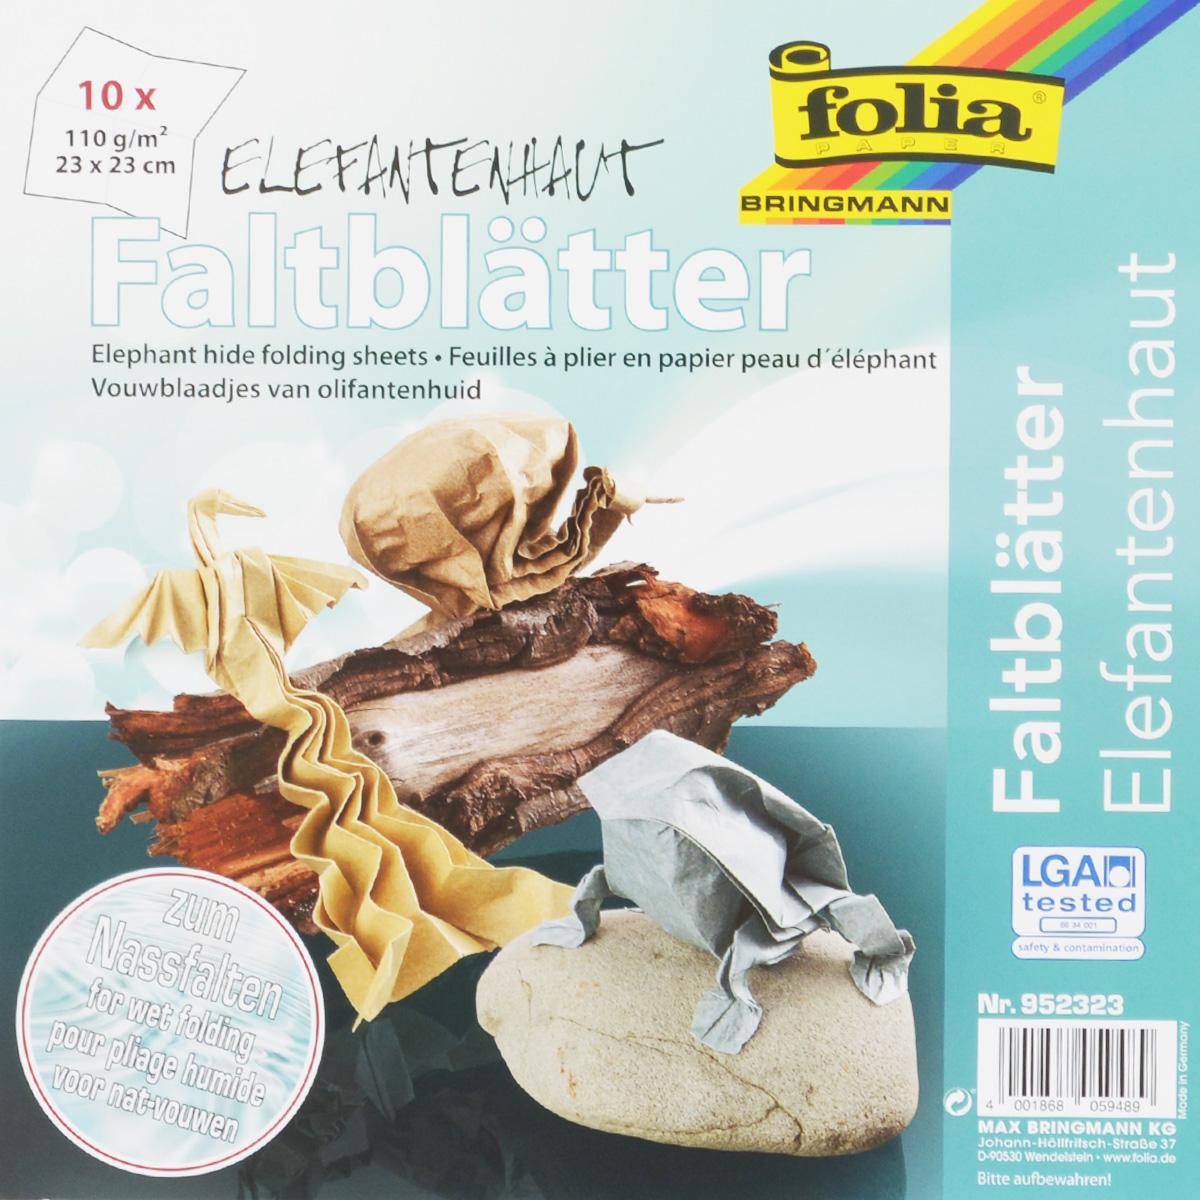 Бумага для оригами Folia, с увлажнением, 23 х 33 см, 10 листов7708155Набор специальной цветной бумаги для оригами Folia содержит 10 листов разного цвета, которые помогут вам и вашему ребенку сделать яркие и разнообразные фигурки. В набор входит бумага пяти цветов: белого, светло-коричневого, светло-желтого, светло-серого и светло-голубого. Листы необходимо смочить, до того как вы начнете работу с ними. Эти листы можно использовать для оригами, украшения для садового подсвечника или для создания новогодних звезд. Бумага хорошо комбинируется с цветным картоном. За свою многовековую историю оригами прошло путь от храмовых обрядов до искусства, дарящего радость и красоту миллионам людей во всем мире. Складывание и художественное оформление фигурок оригами интересно заполнят свободное время, доставят огромное удовольствие, радость и взрослым и детям. Увлекательные занятия оригами развивают мелкую моторику рук, воображение, мышление, воспитывают волевые качества и совершенствуют художественный вкус ребенка. ...